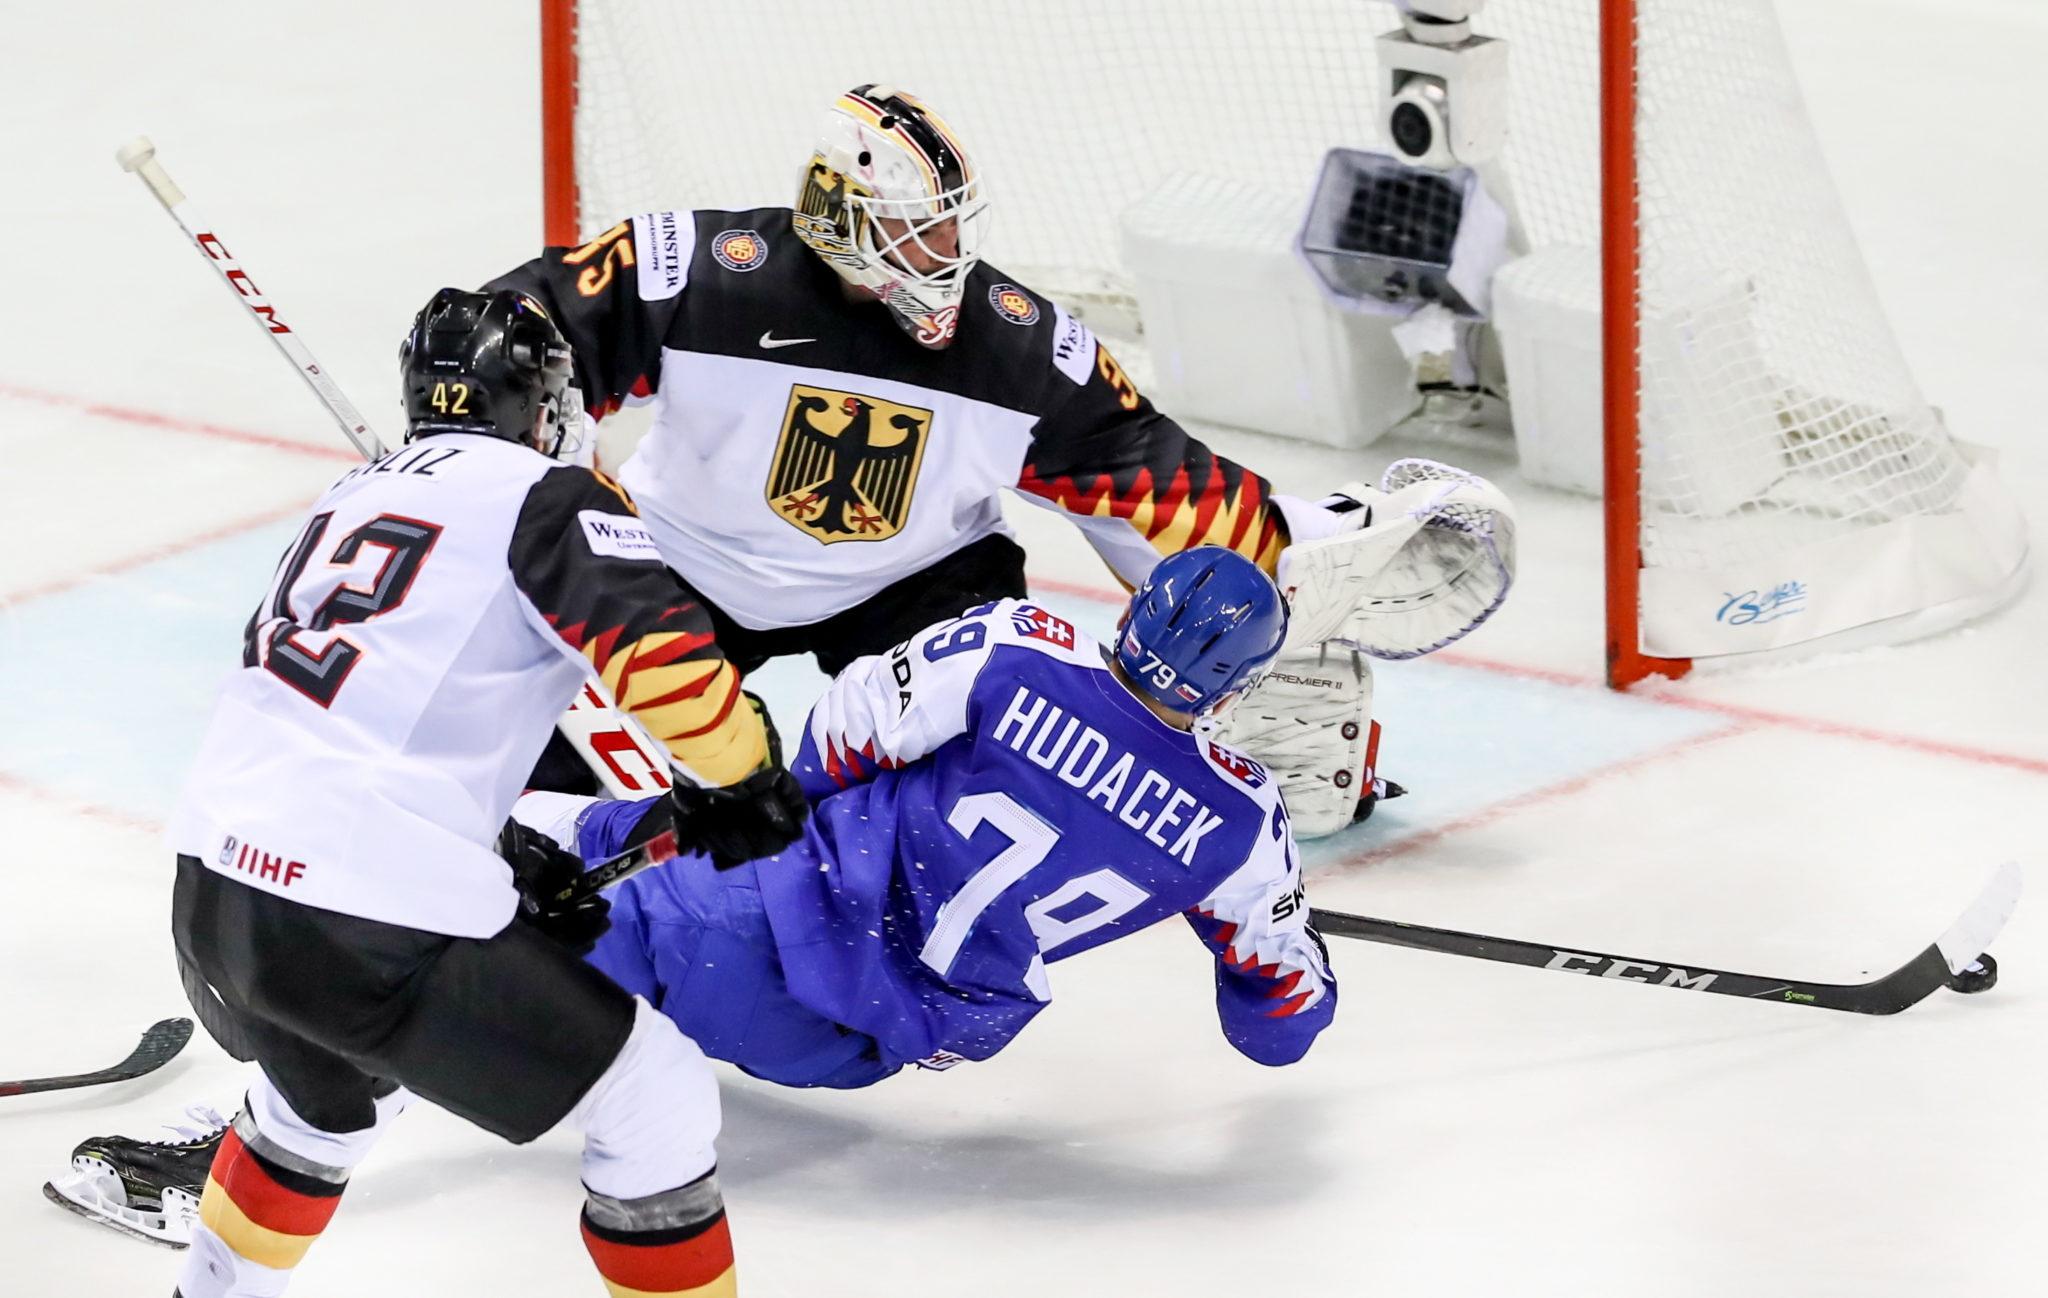 Słowacja, Koszyce: Libor Hudacek ze Słowacji w akcji przeciwko bramkarzowi Matthiasowi Niederbergerowi z Niemiec podczas grupy Mistrzostw Świata IIHF, fot. MARTIN DIVISEK, PAP/EPA.